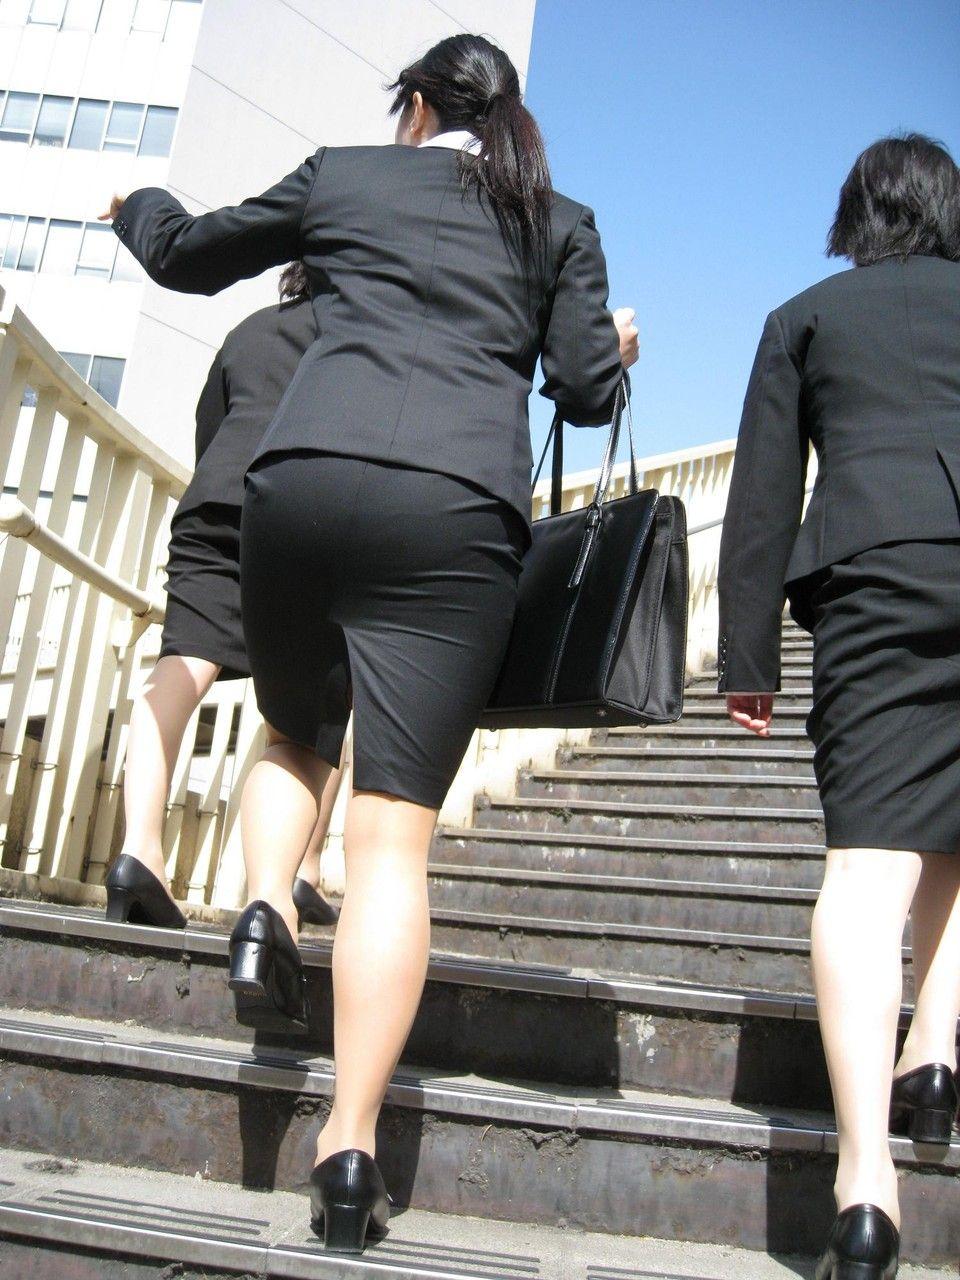 就活追い込み中で忙しく街中を動き回るリクスー女子大生1枚目